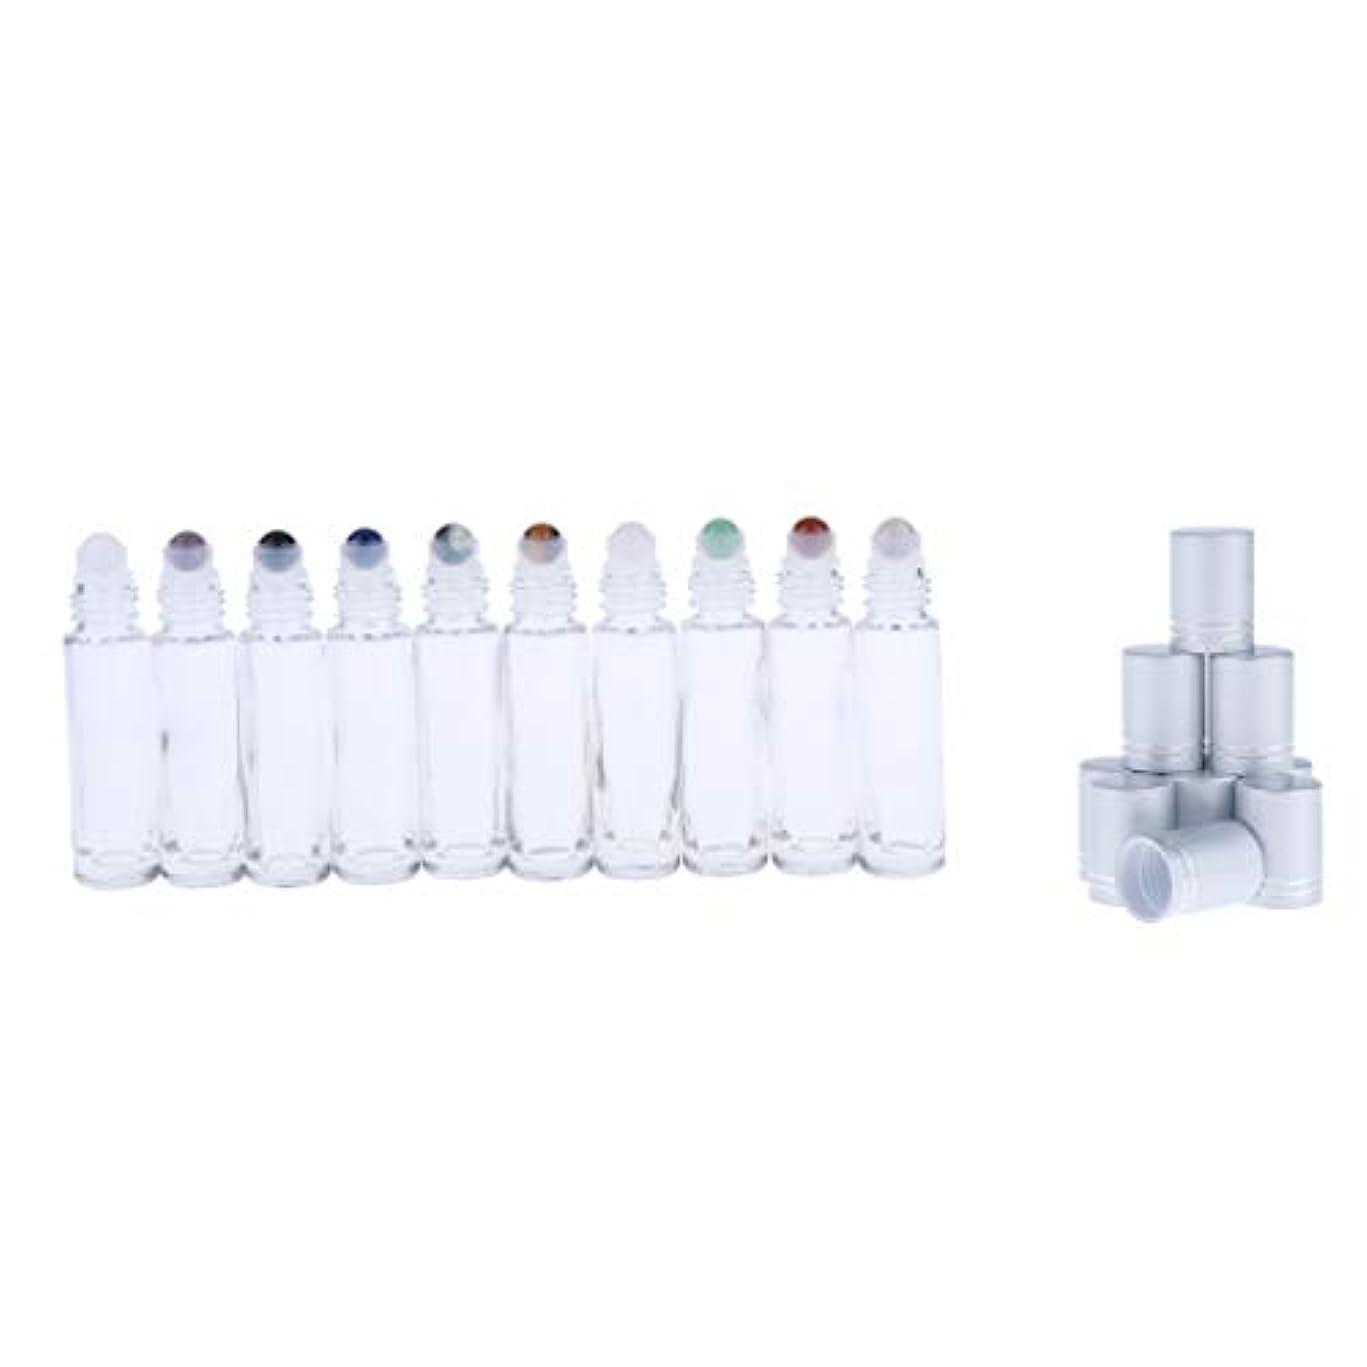 嫌なビザ幻滅sharprepublic 10個 ロールオンボトル ガラスボトル 精油 香水やアロマの保存 詰替え 小分け用 10ml